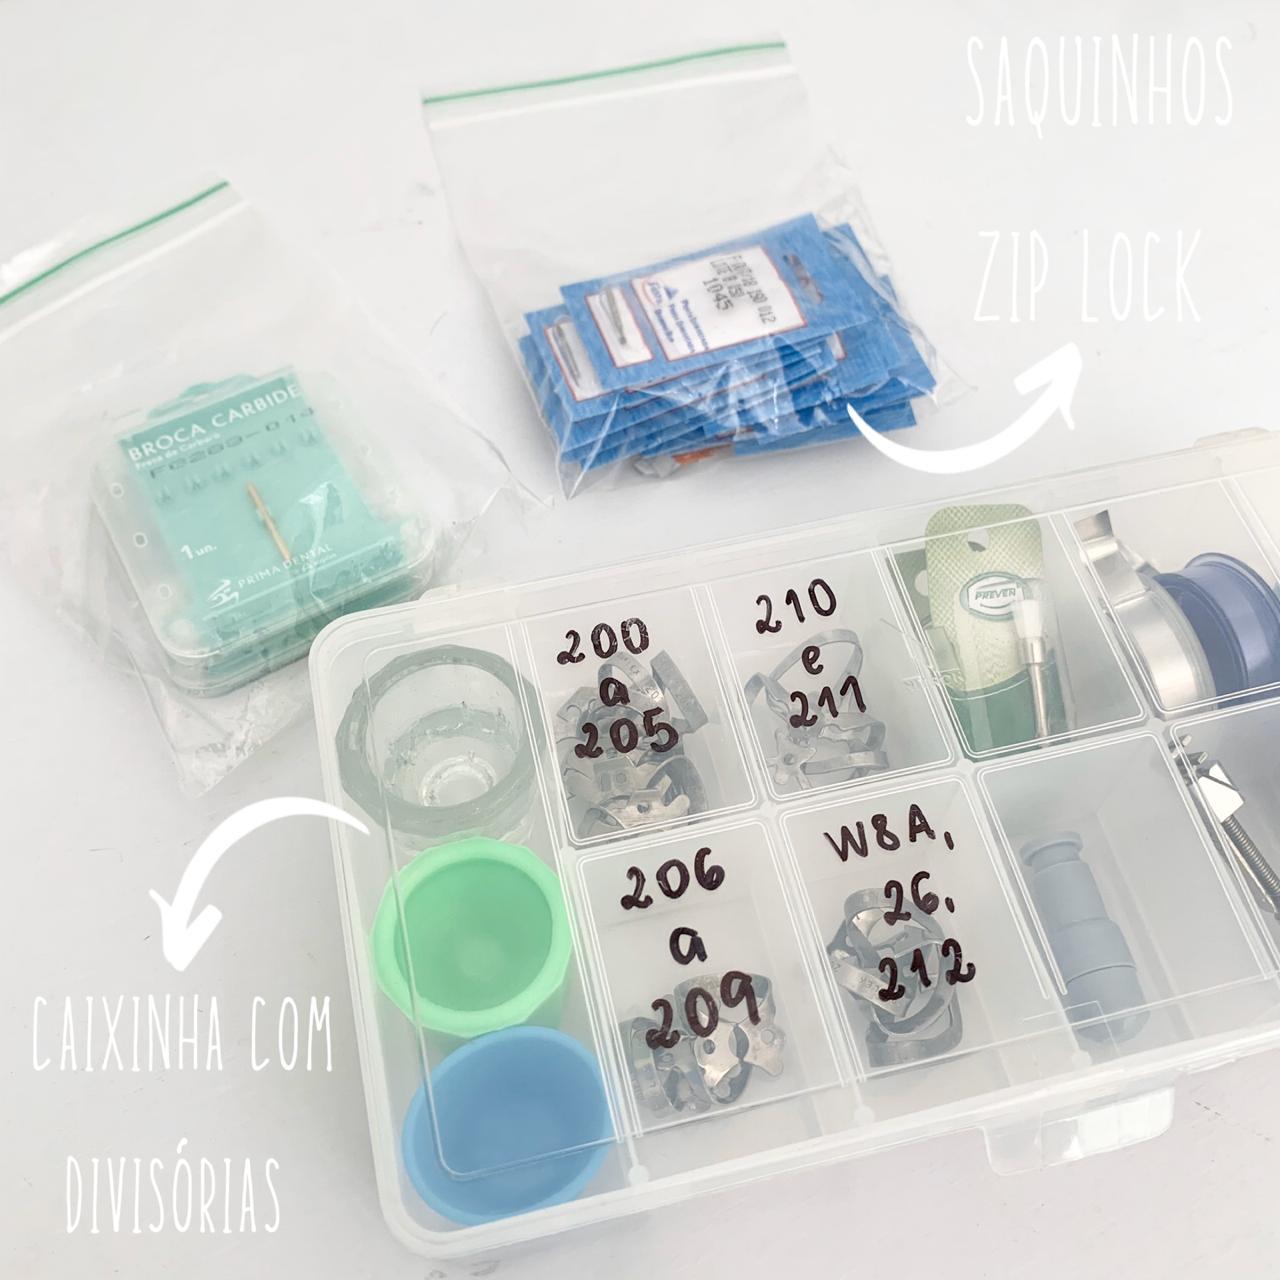 Exemplos saquinho zip lock e caixas